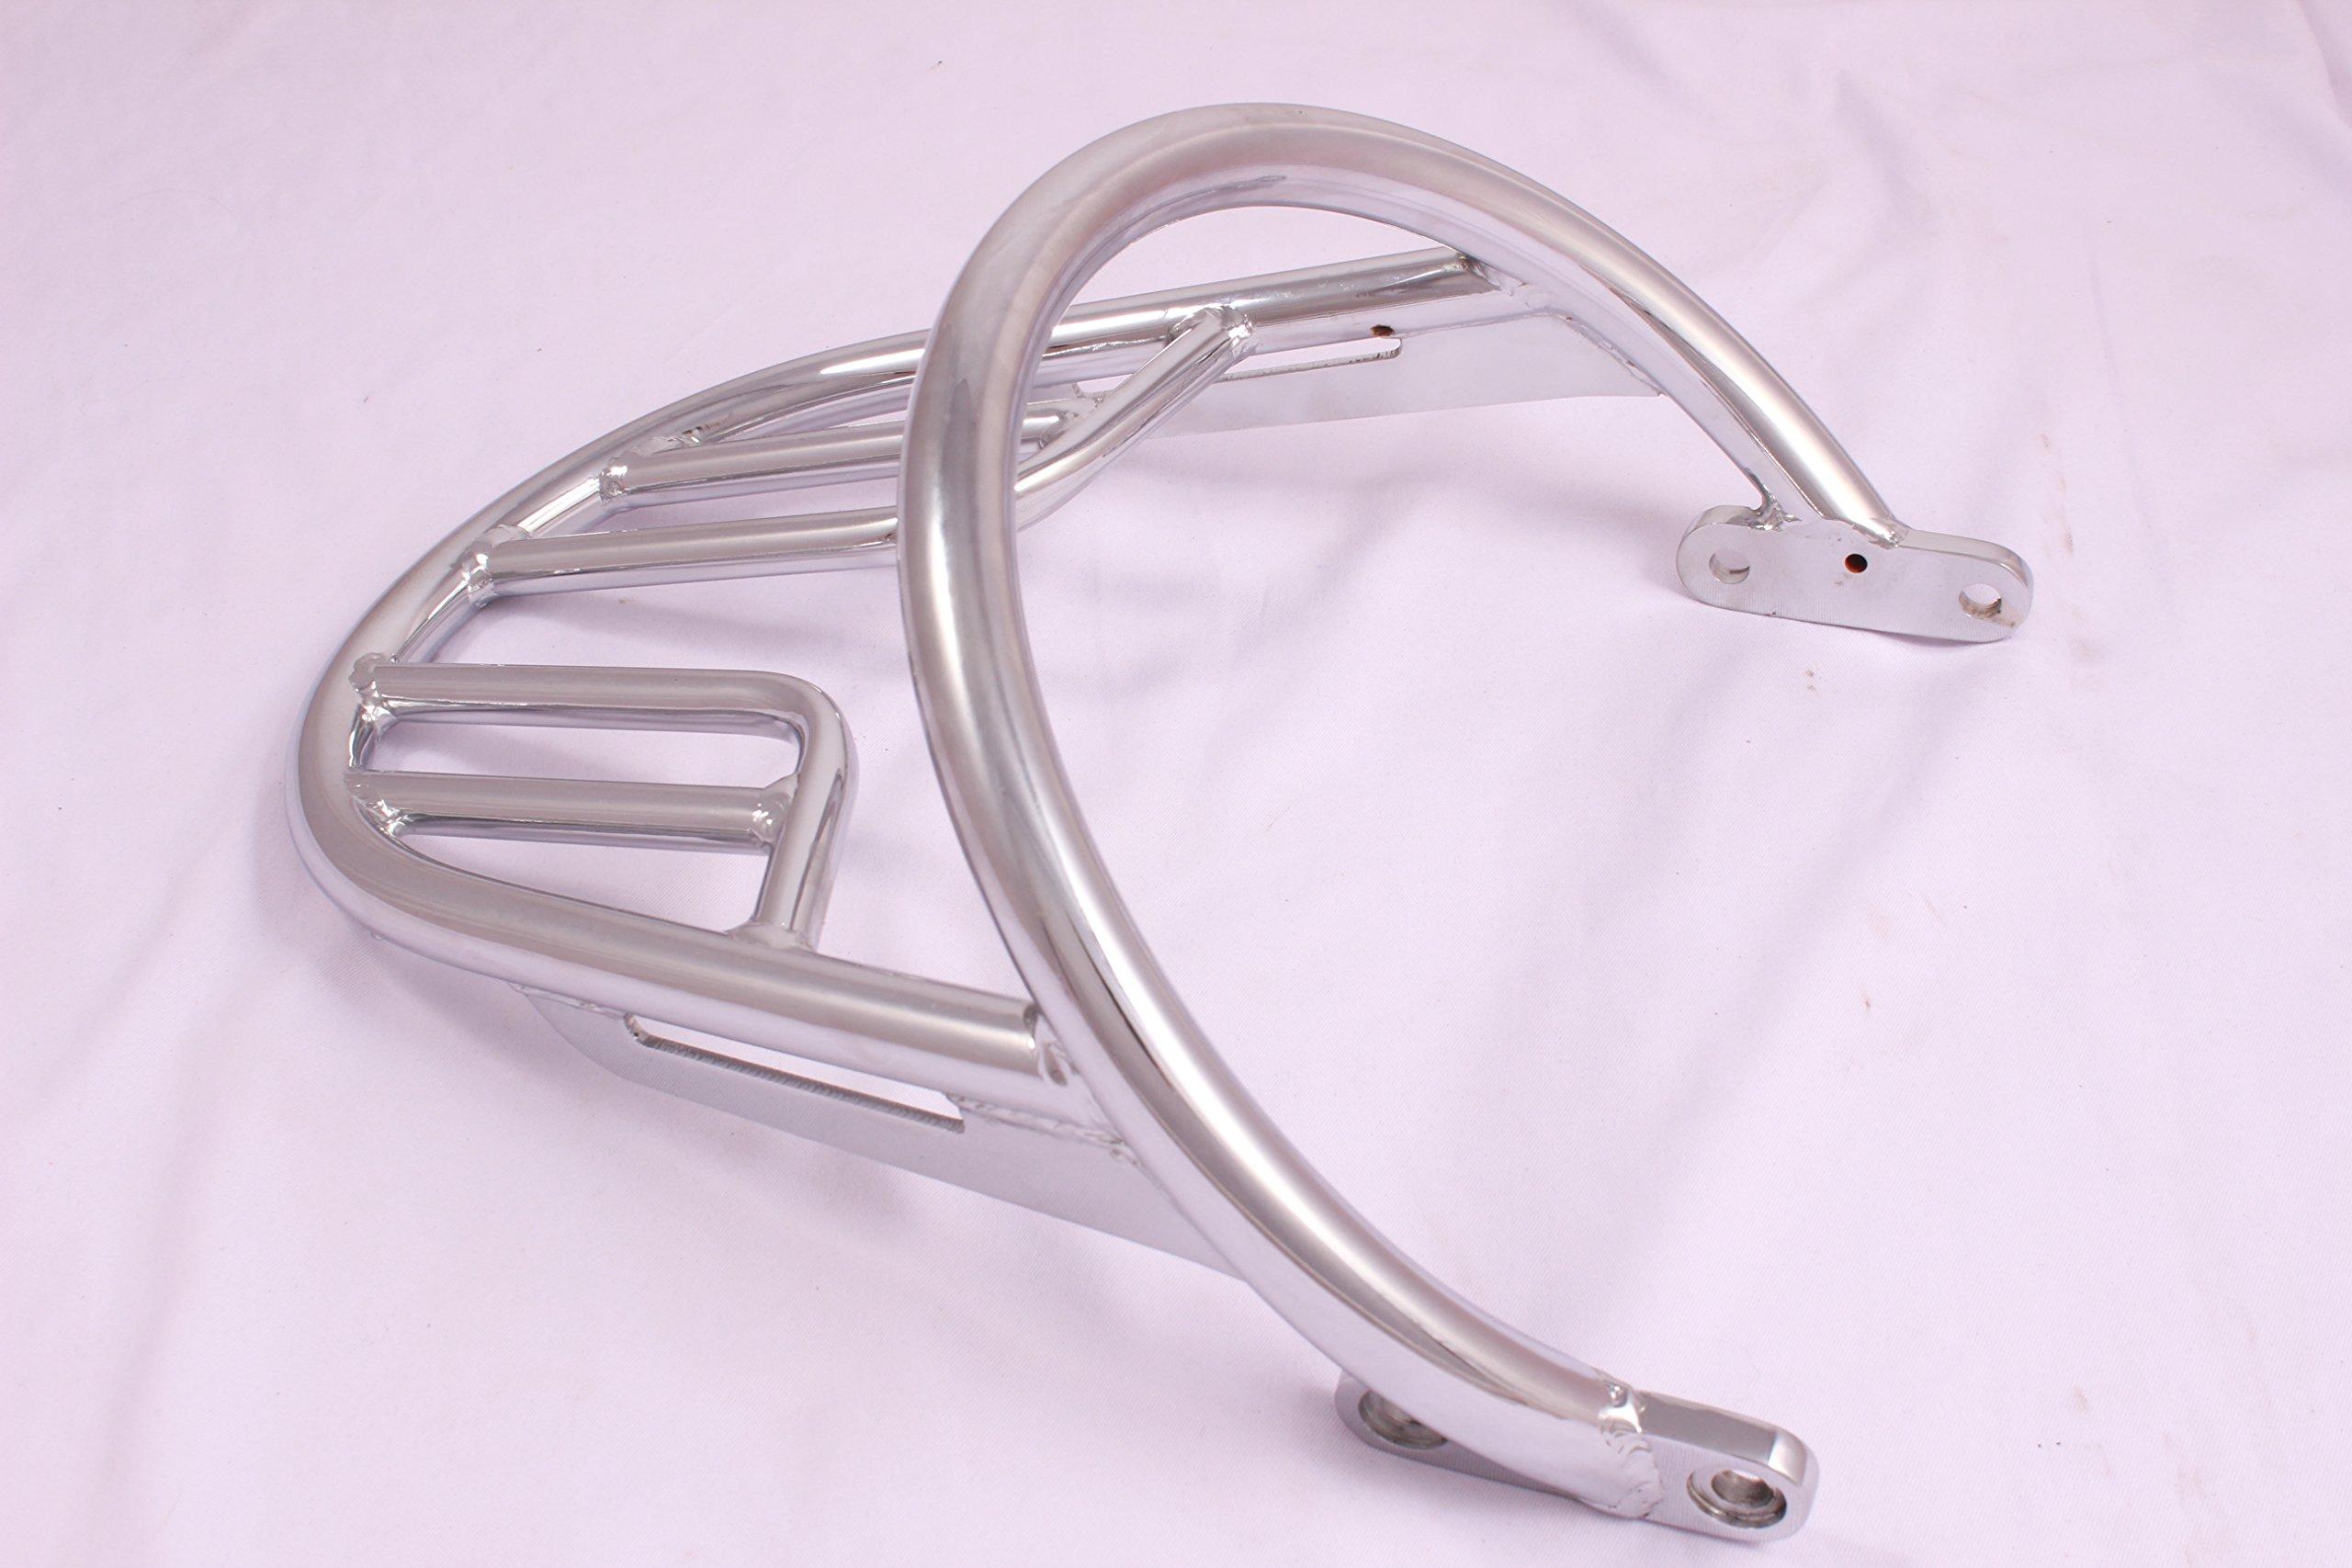 E67 Chrome Grab Rail Luggage Rack Kit For Triumph Bonneville T100 Bonneville T120